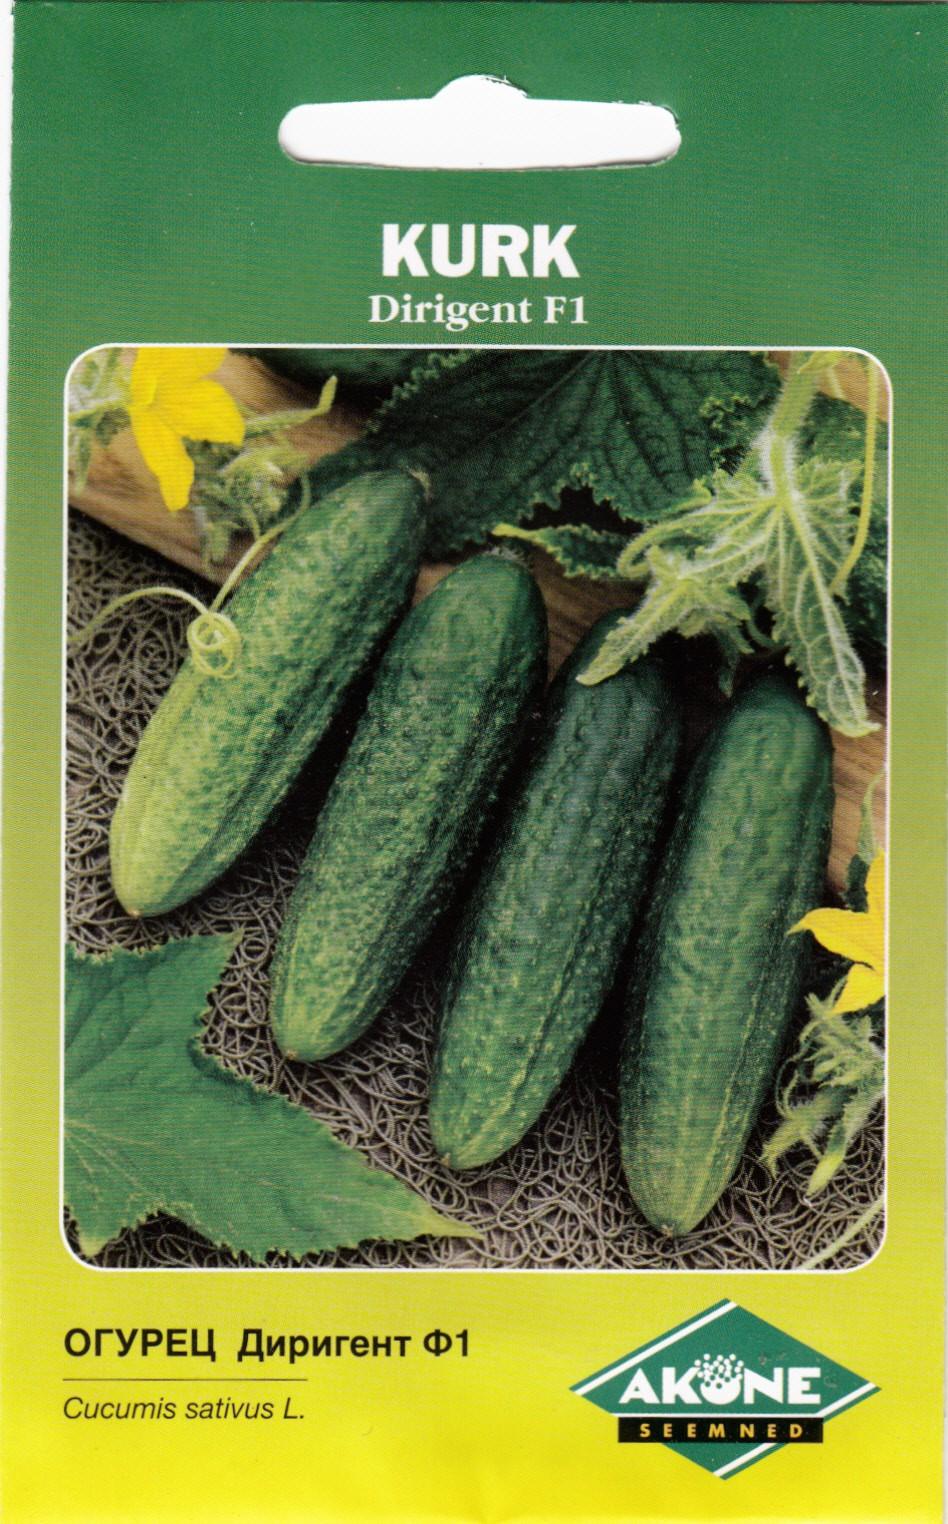 Огурец бьерн f1: характеристика и описание гибридного сорта с фото